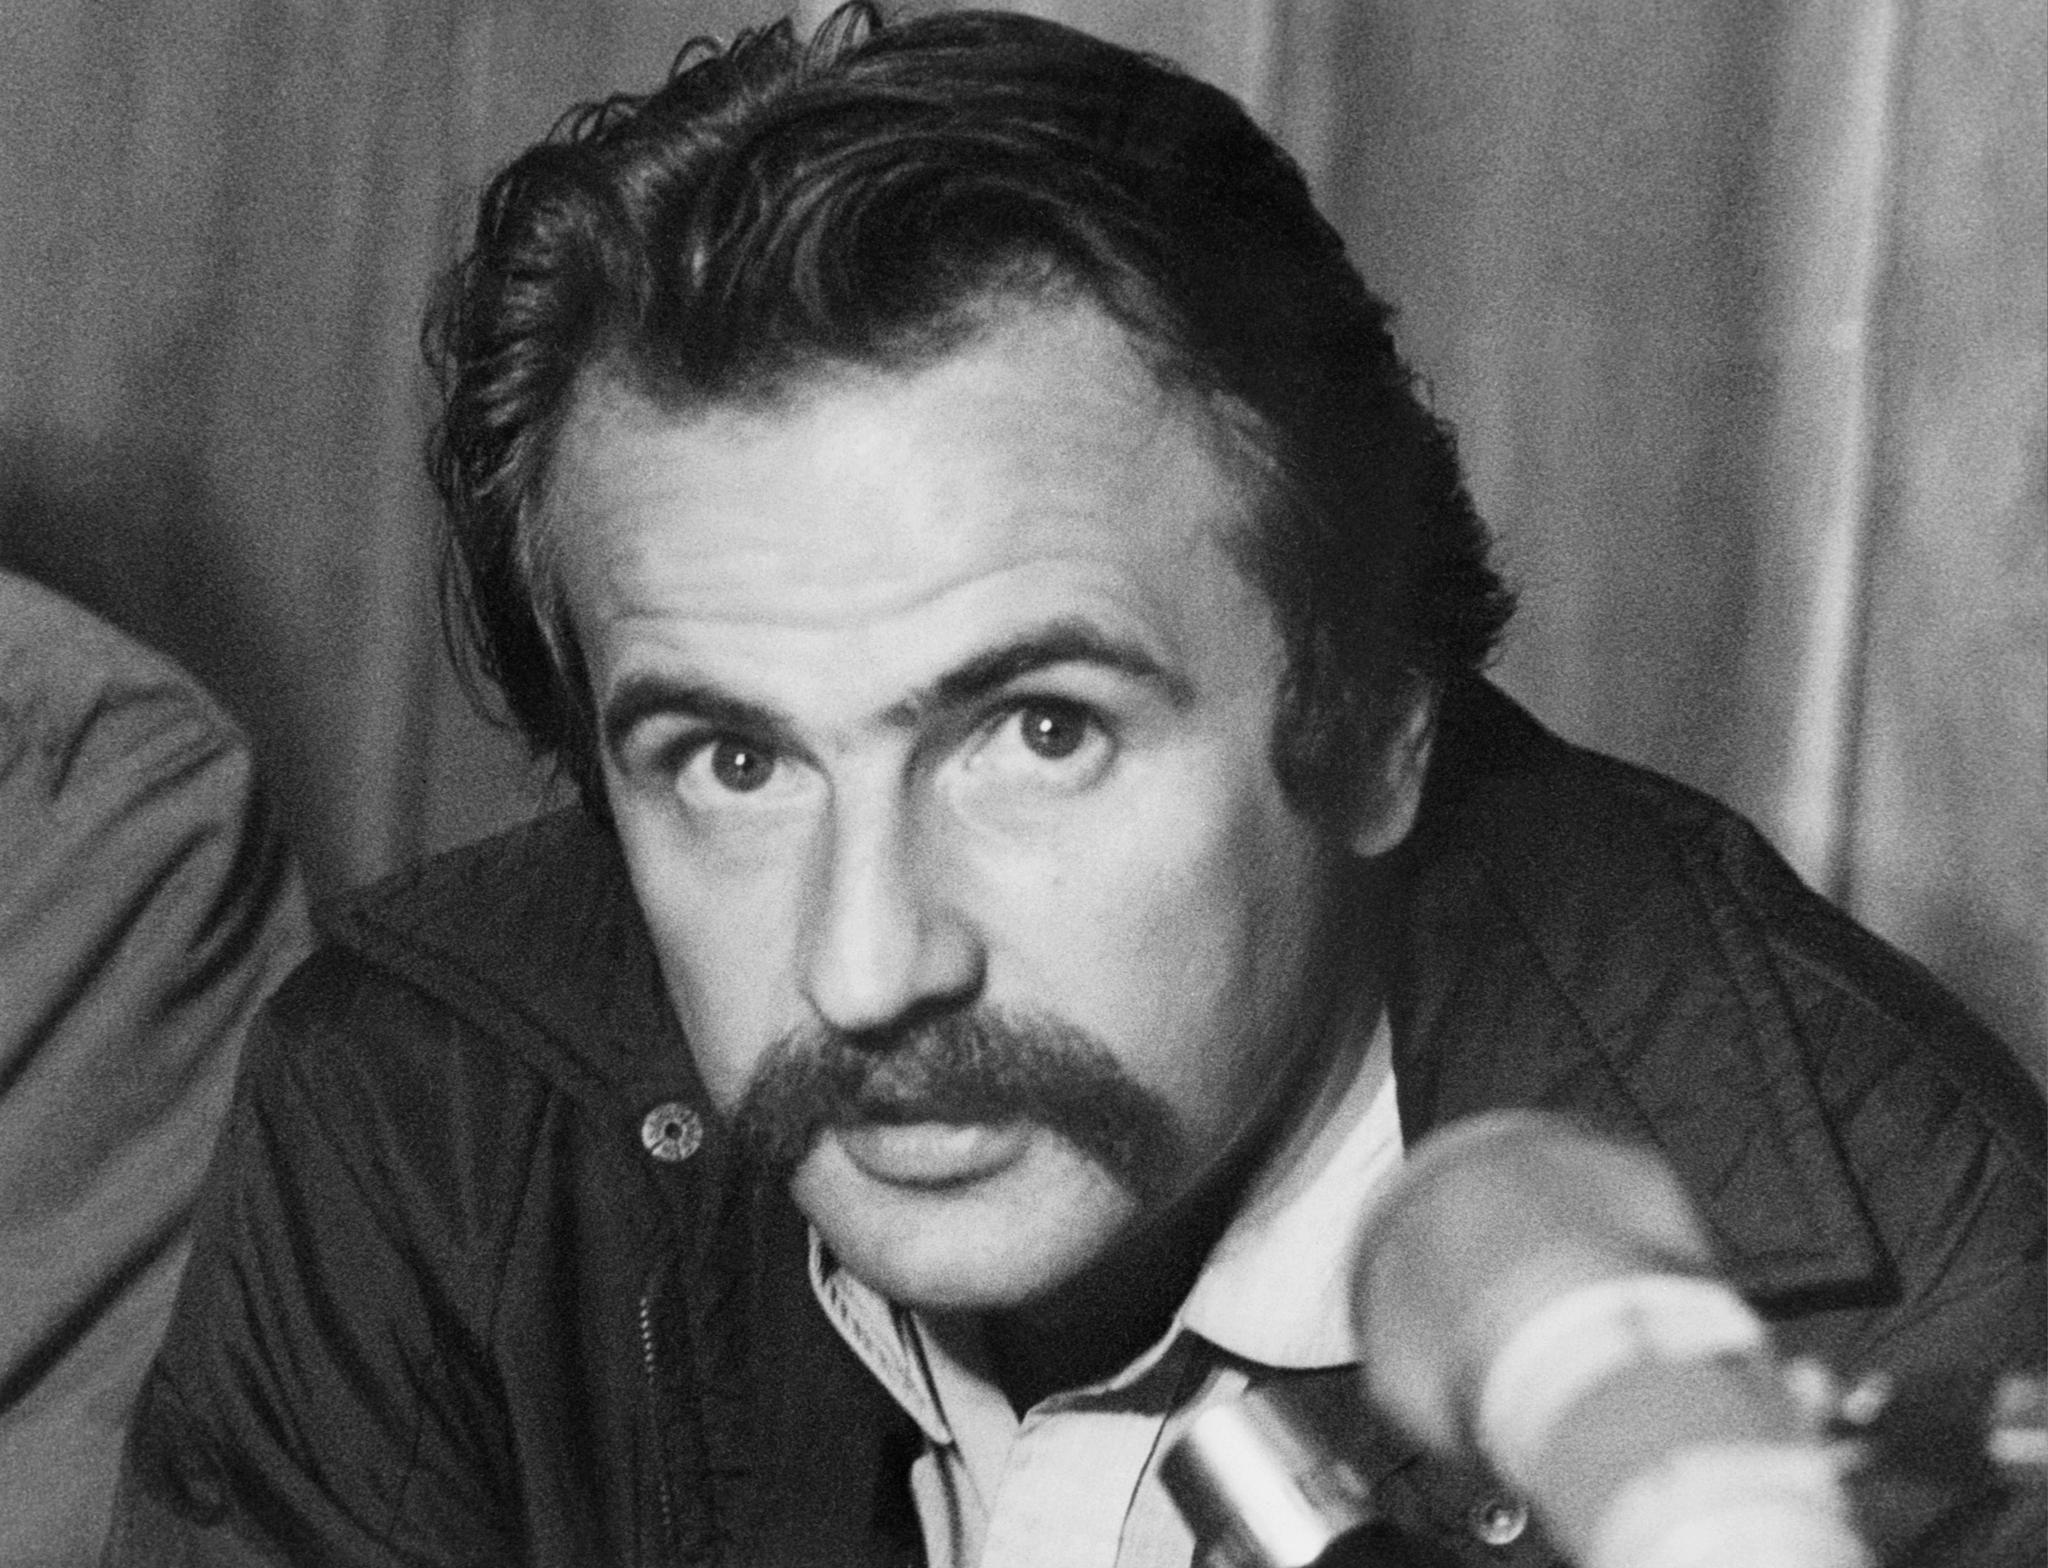 Régis Debray, à la Havane, en février 1971, juste après sa libération de prison en Bolivie.